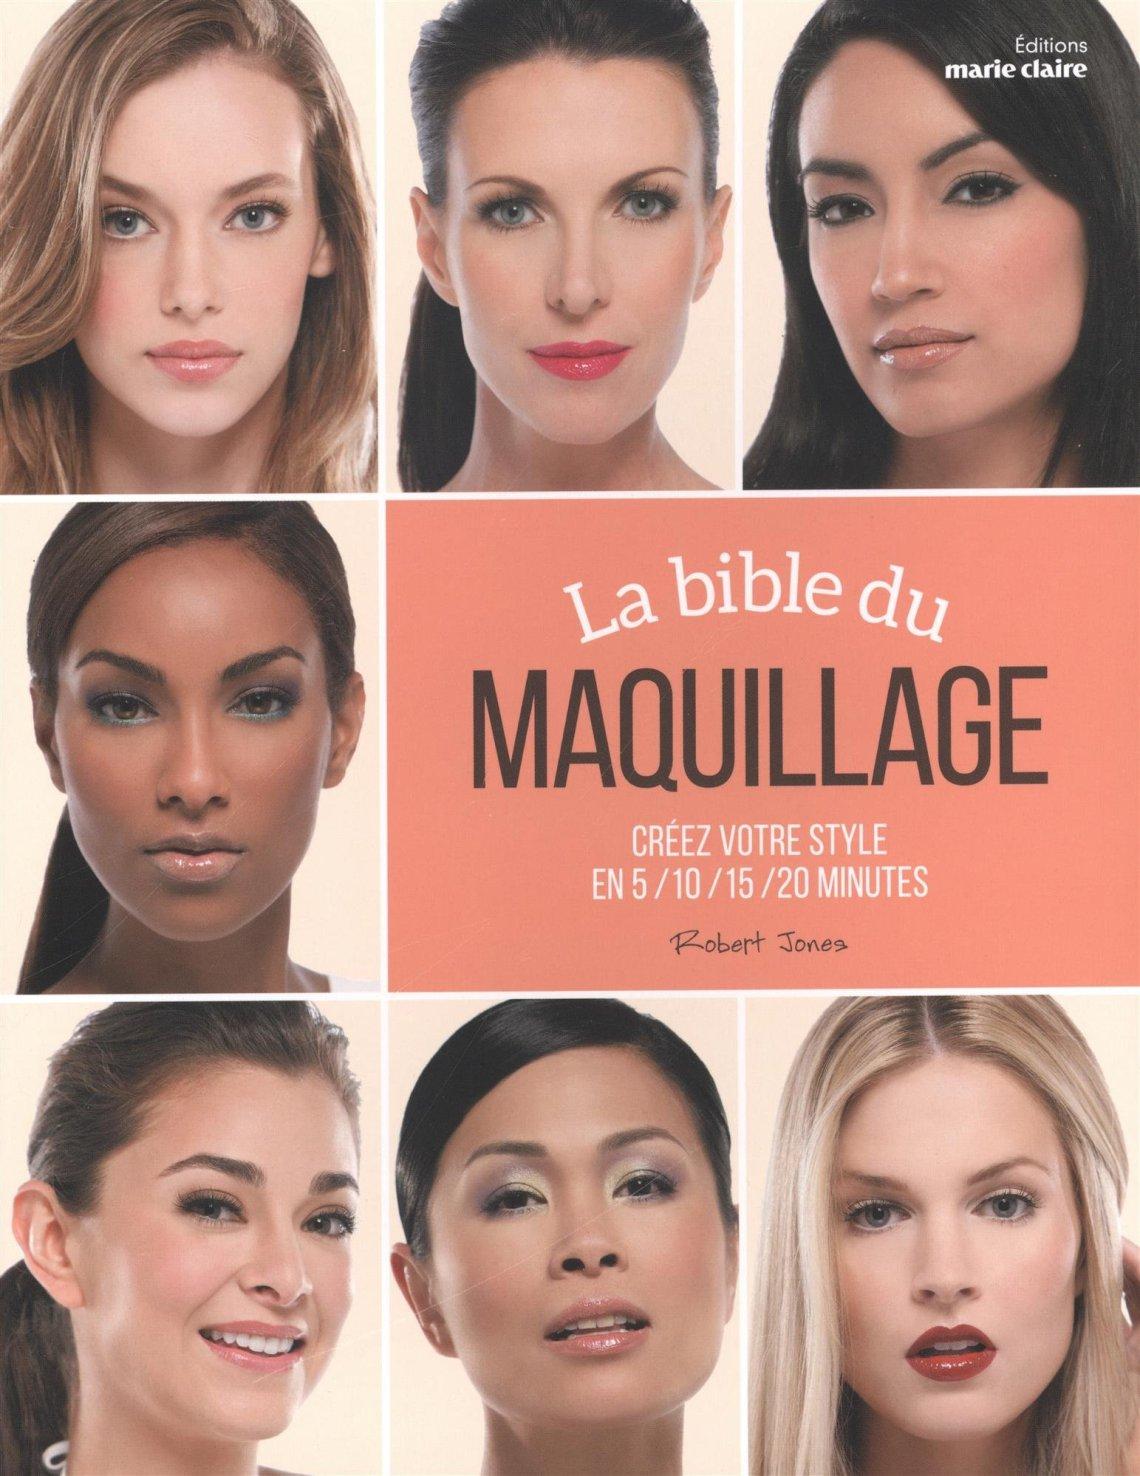 Bible-maquillage-Robert-Jones